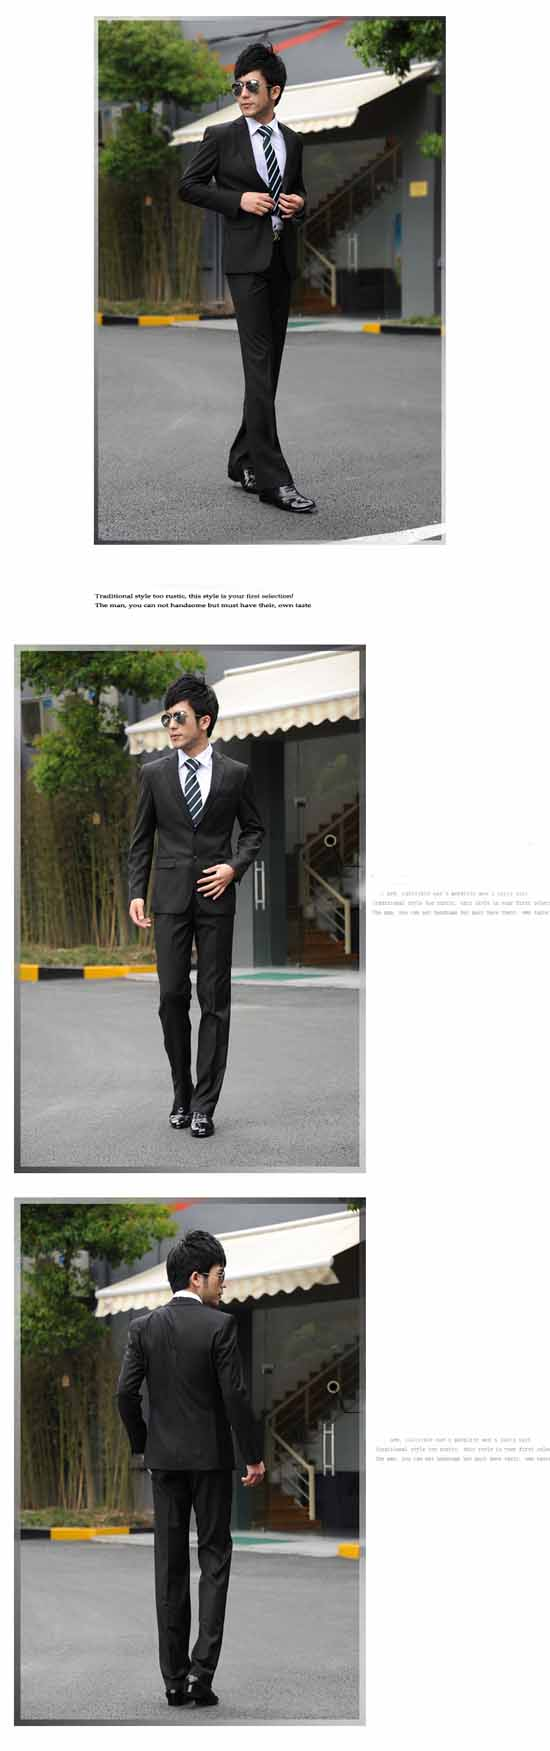 ชุดสูทผู้ชาย เป็นเสื้อสูทพร้อมกางเกงแฟชั่น นำเข้า ไซส์S-2XL สีดำ